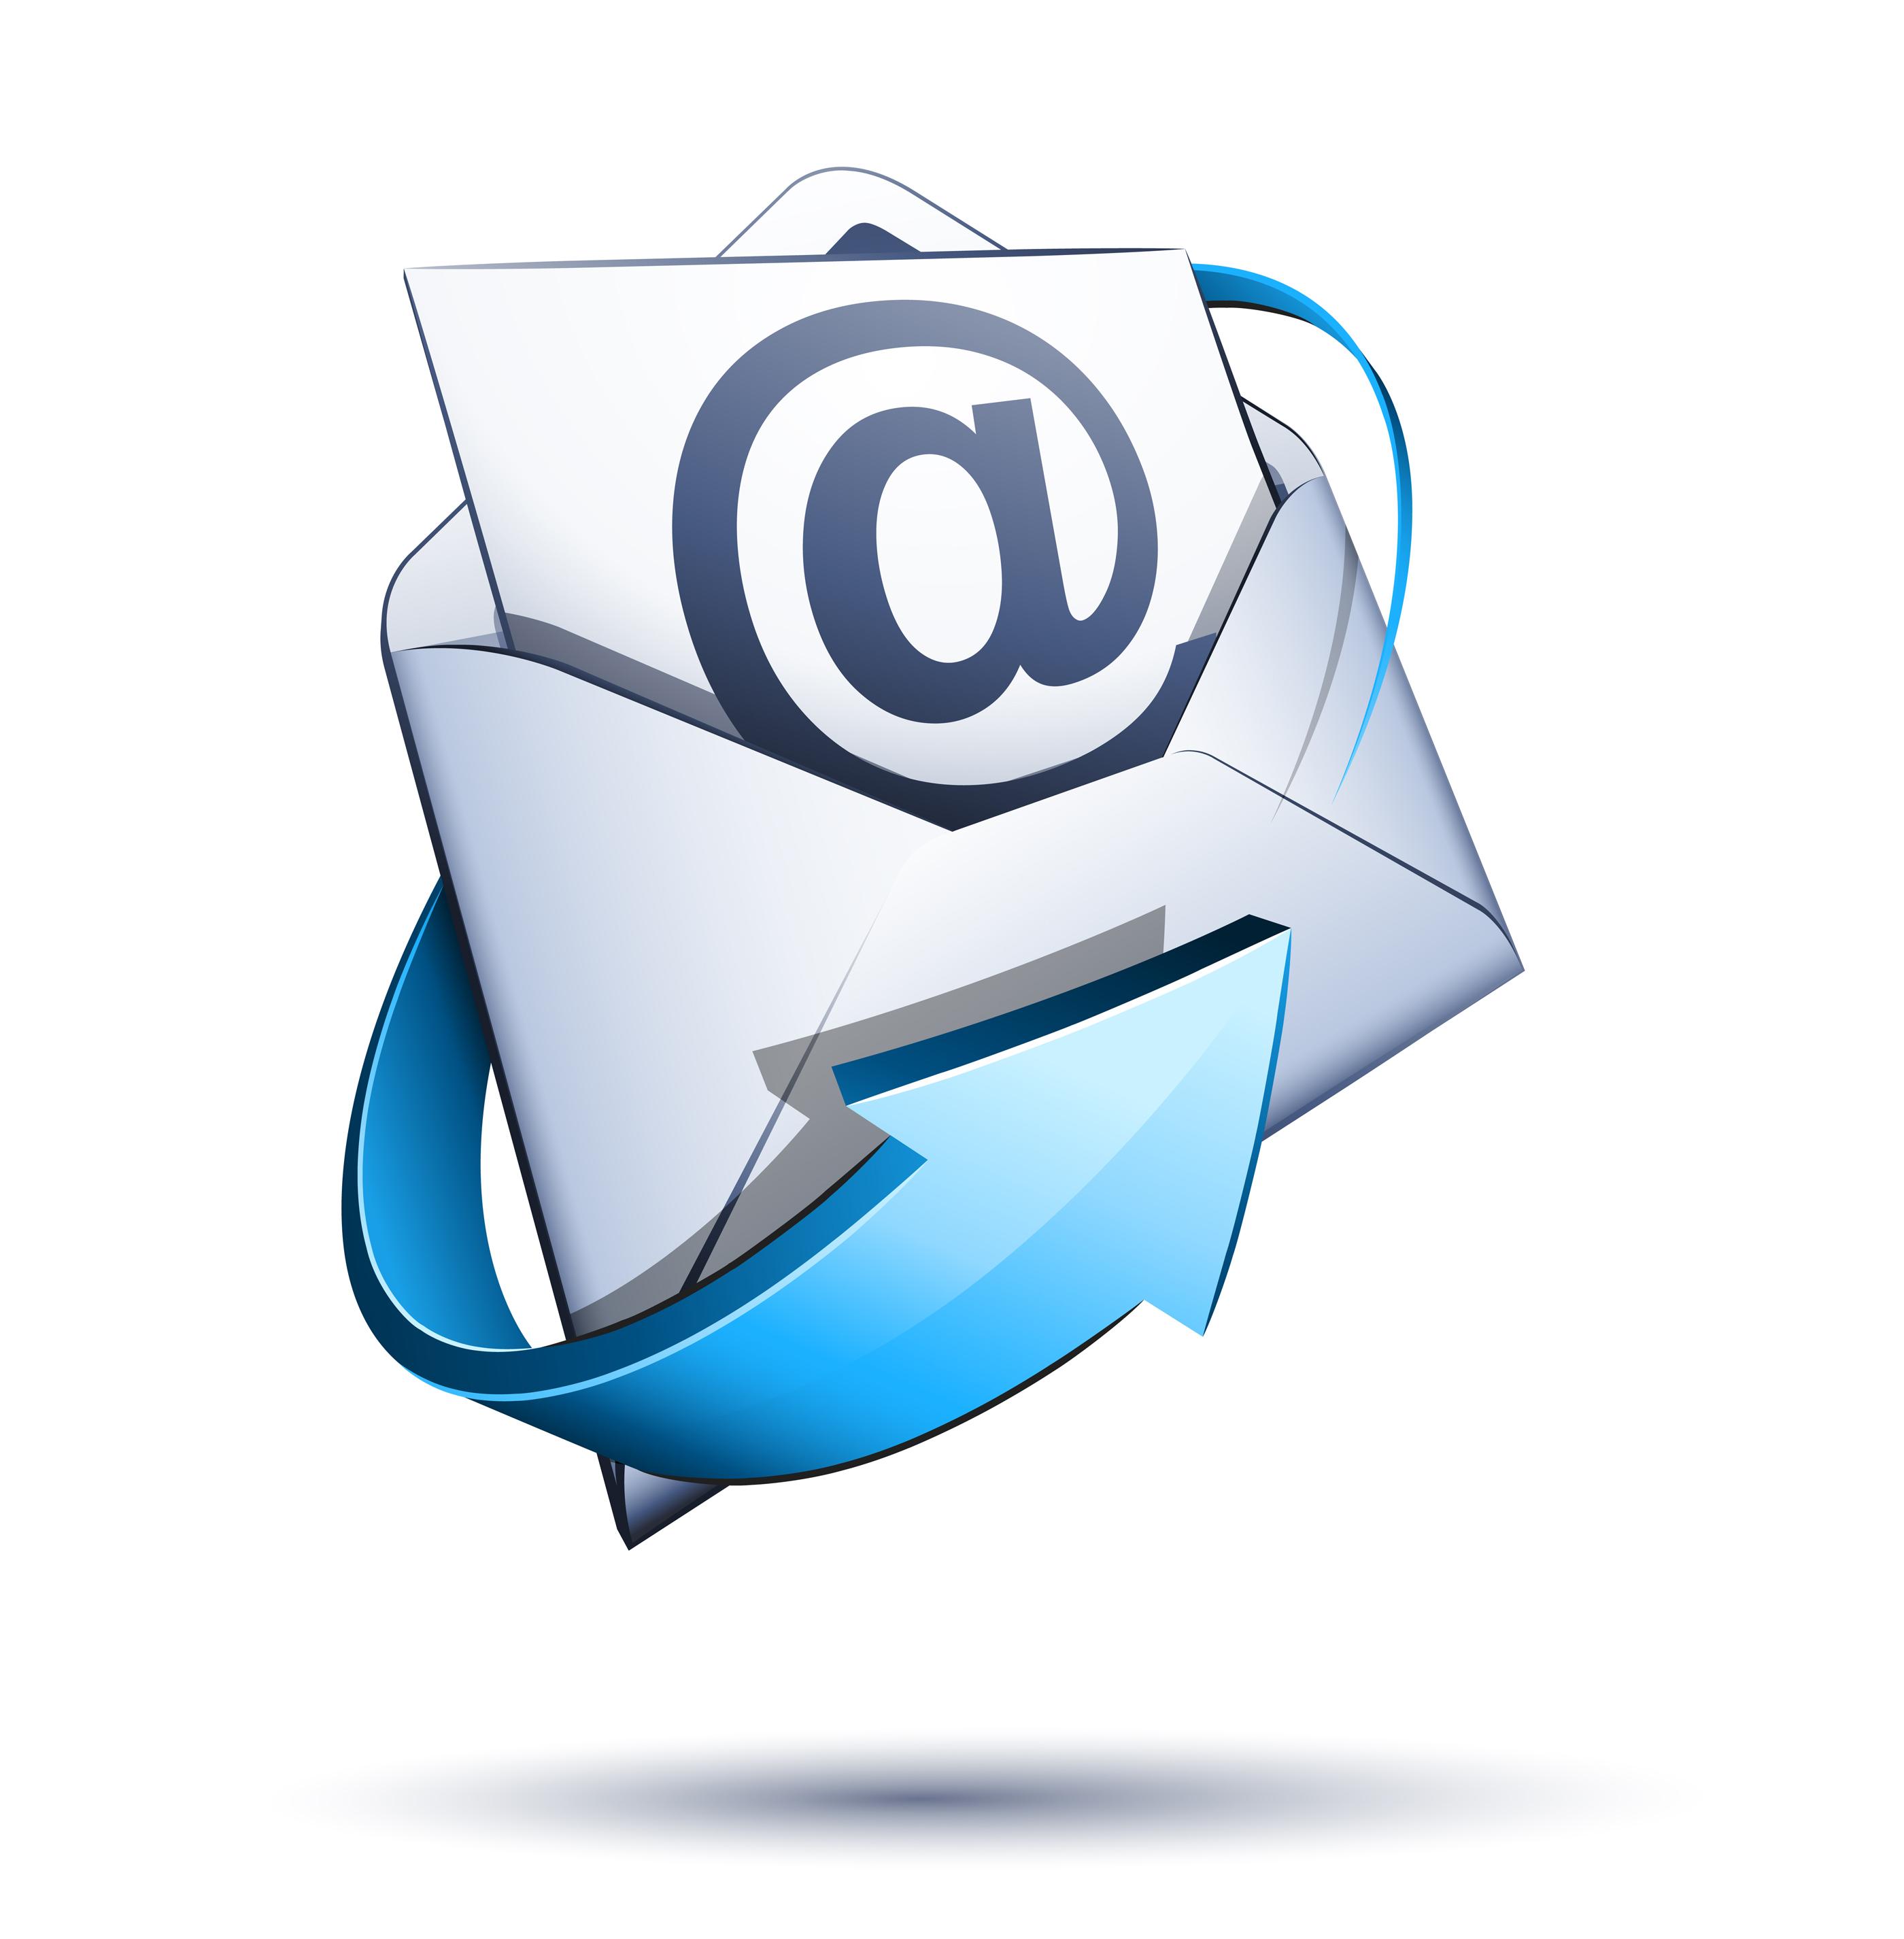 Posta elettronica: archiviar messaggi. | Tiziano Solignani